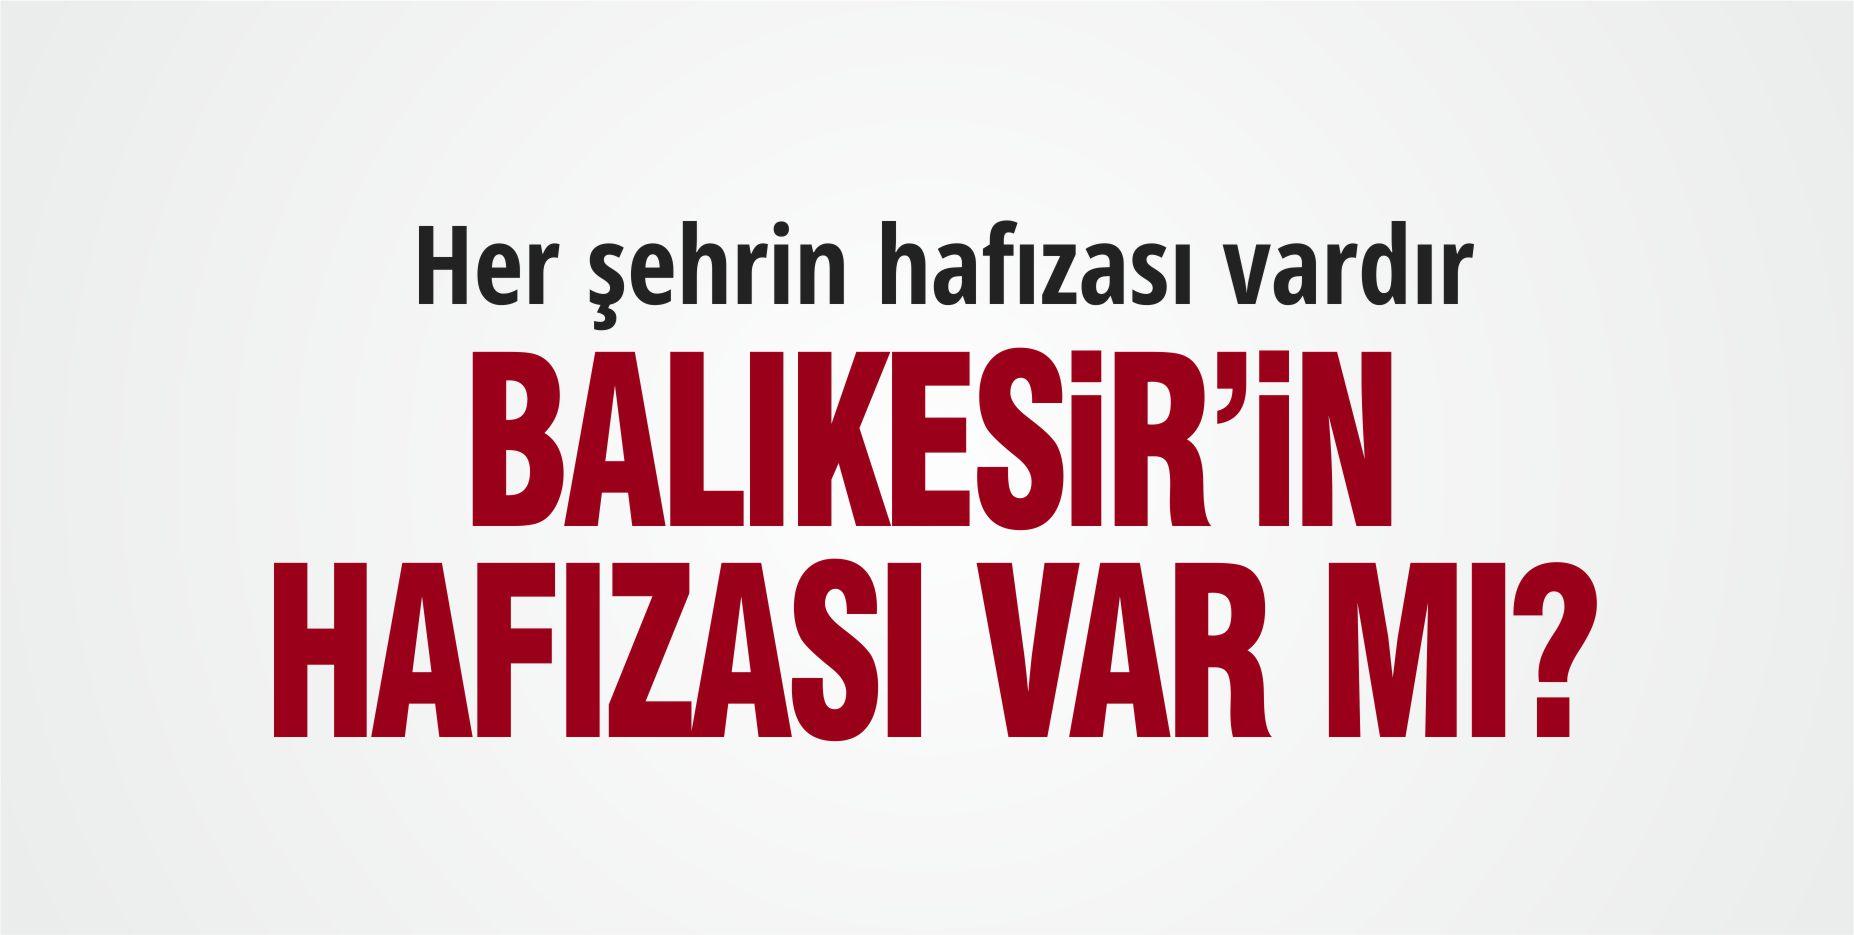 BALIKESİR'İN HAFIZASI VAR MI?